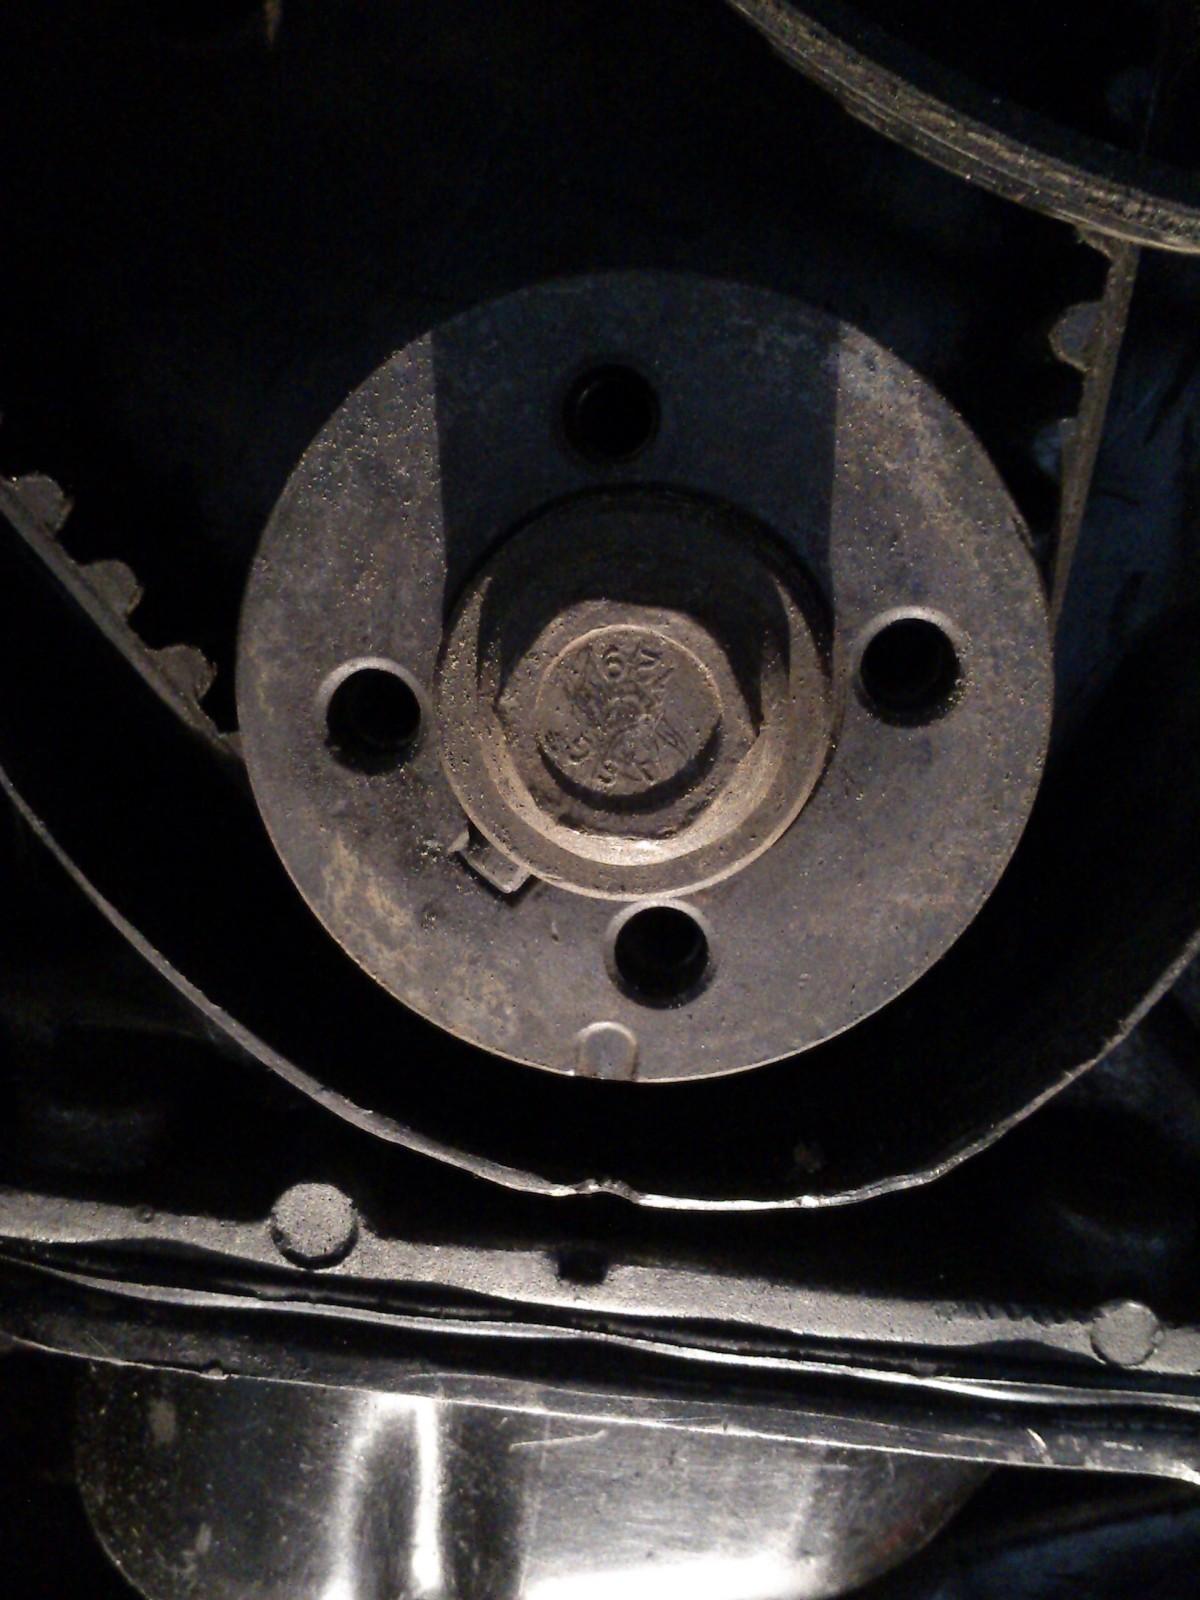 Regular o motor com o scanner diagnóstico automotivo - ajustar o ponto - melhorar consumo (só para carros com distribuidor móvel) Mcyvpx